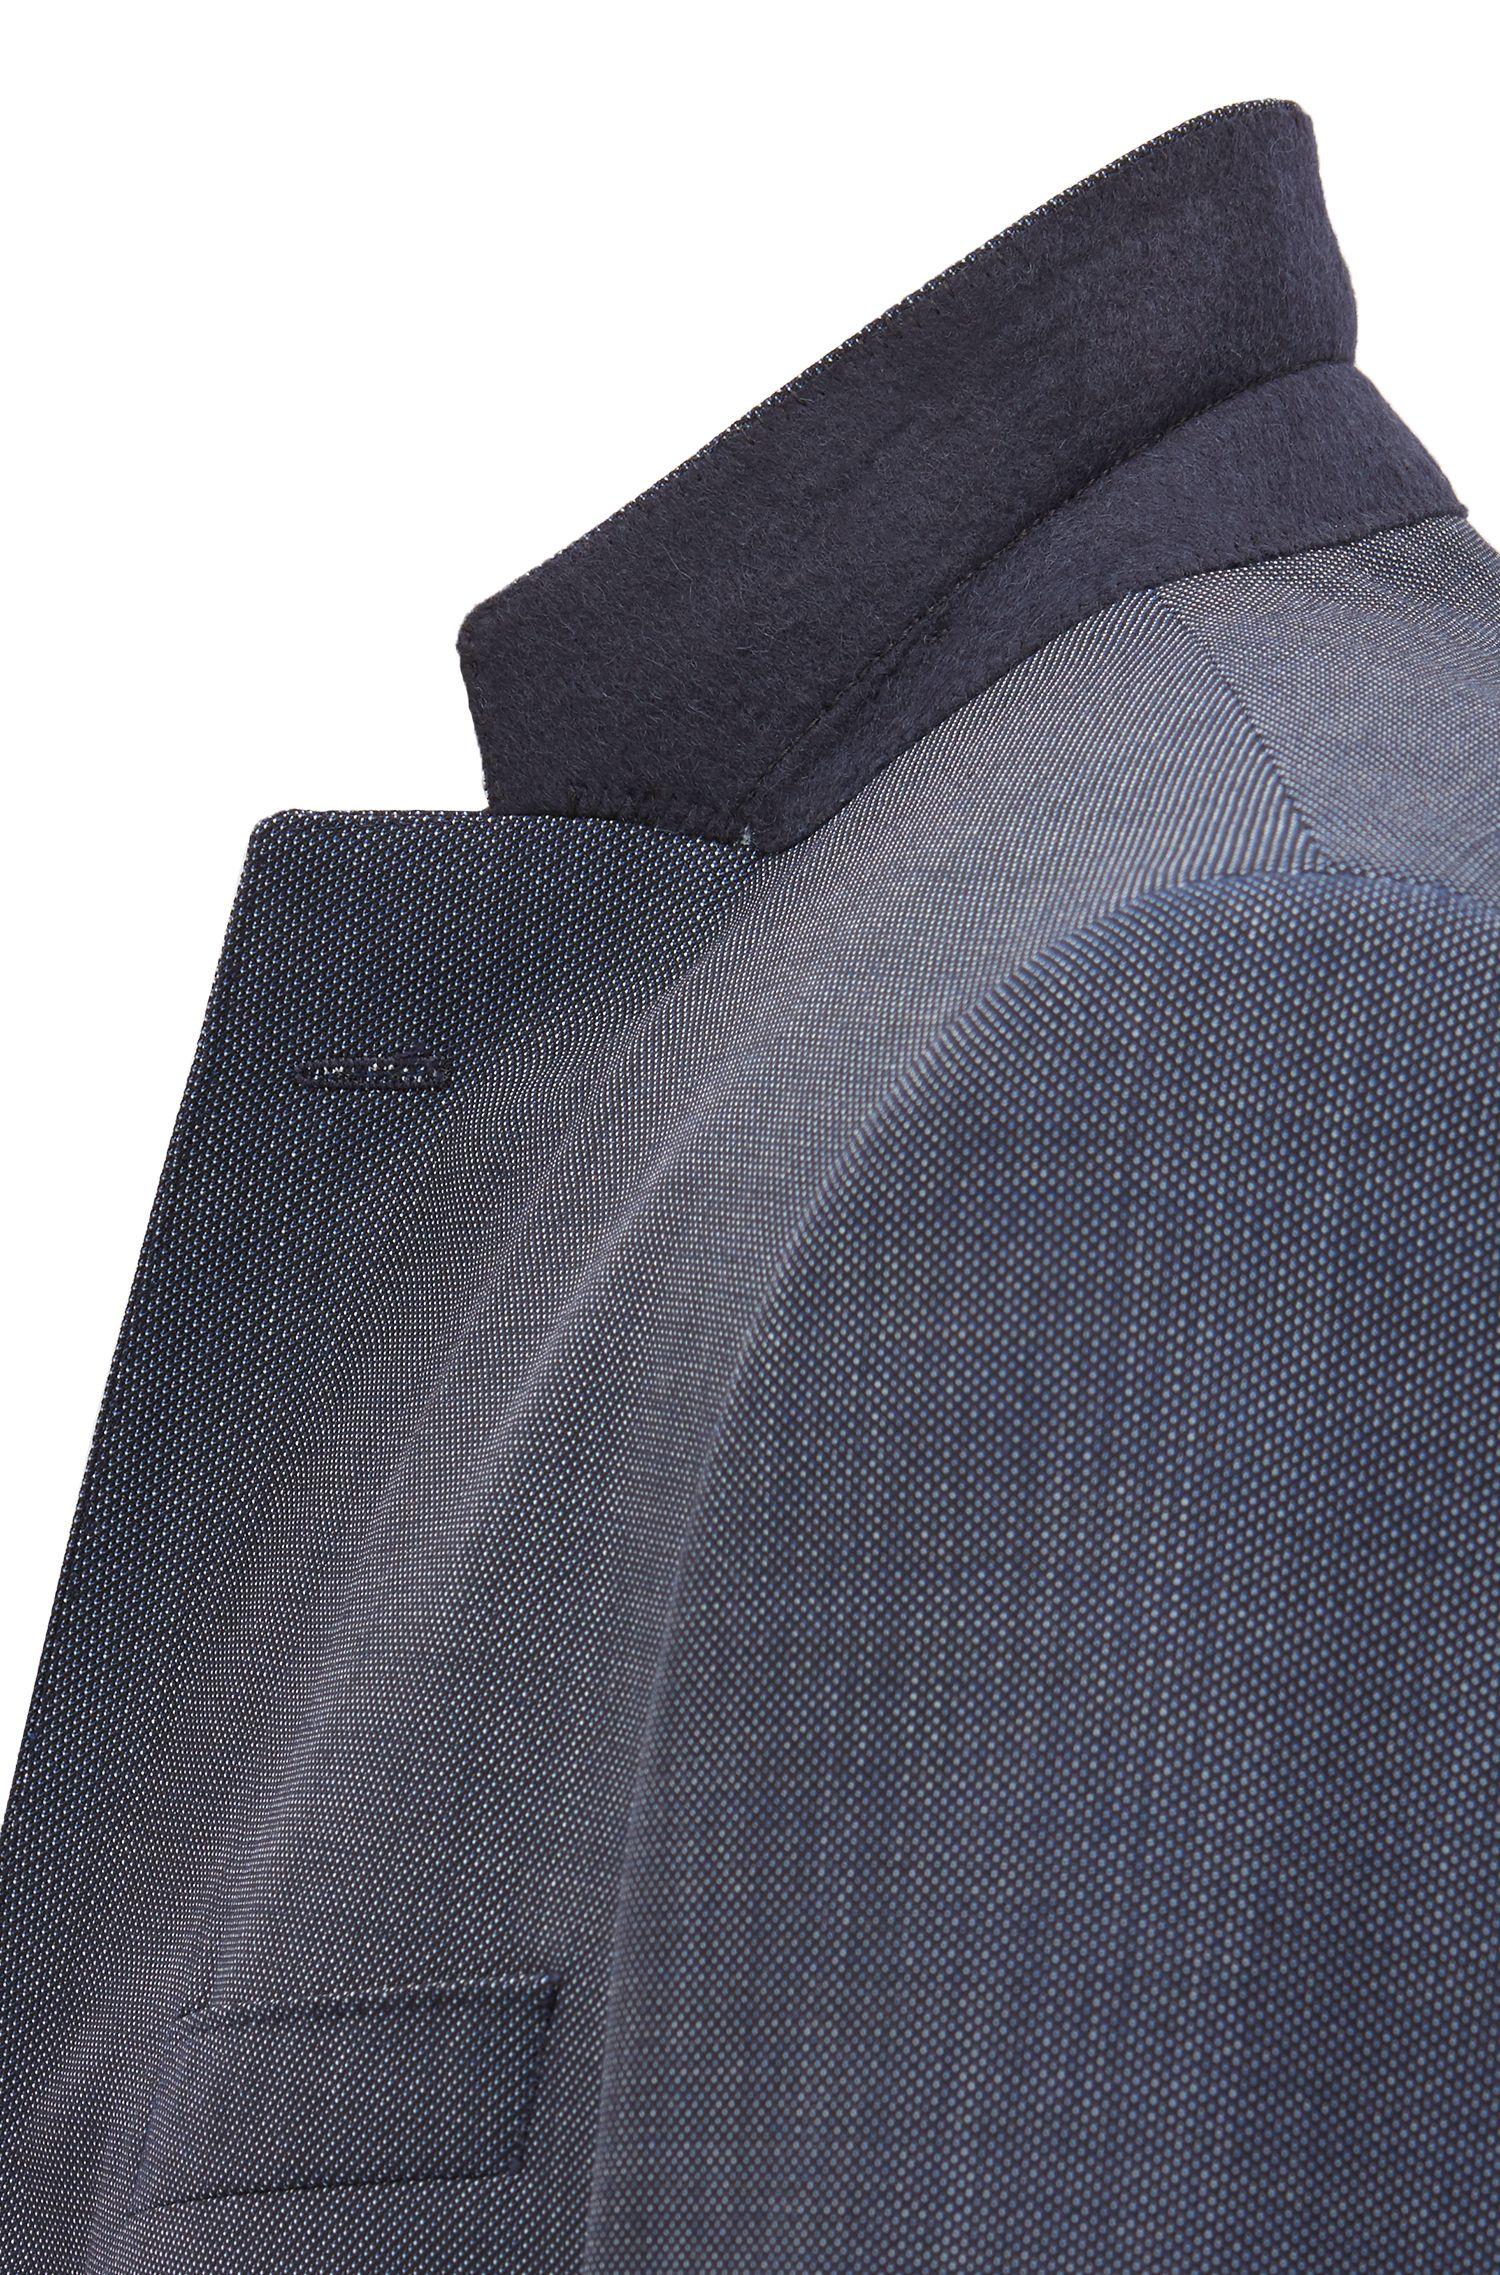 Fein gemusterter Slim-Fit Anzug aus Schurwoll-Serge